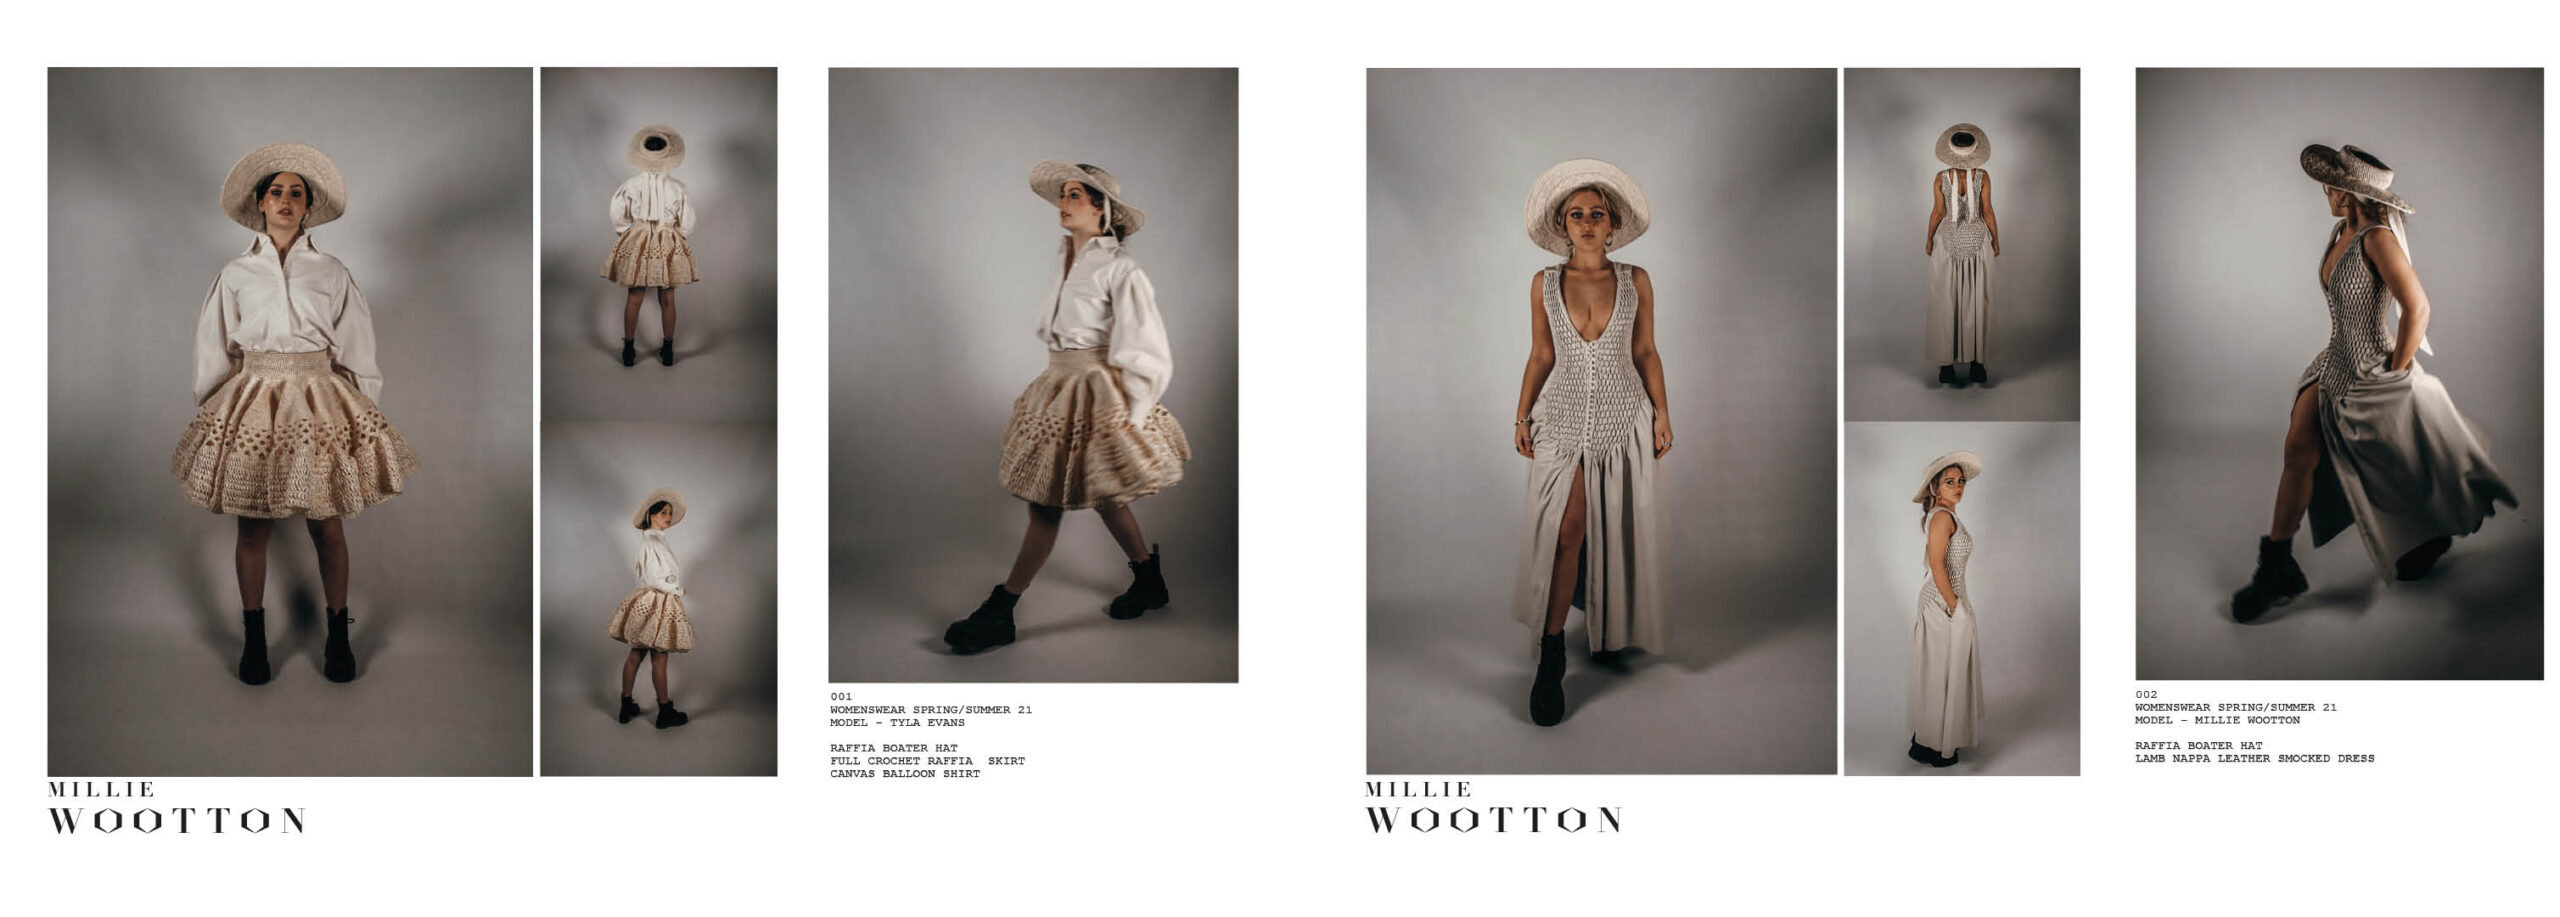 Emily Wootton